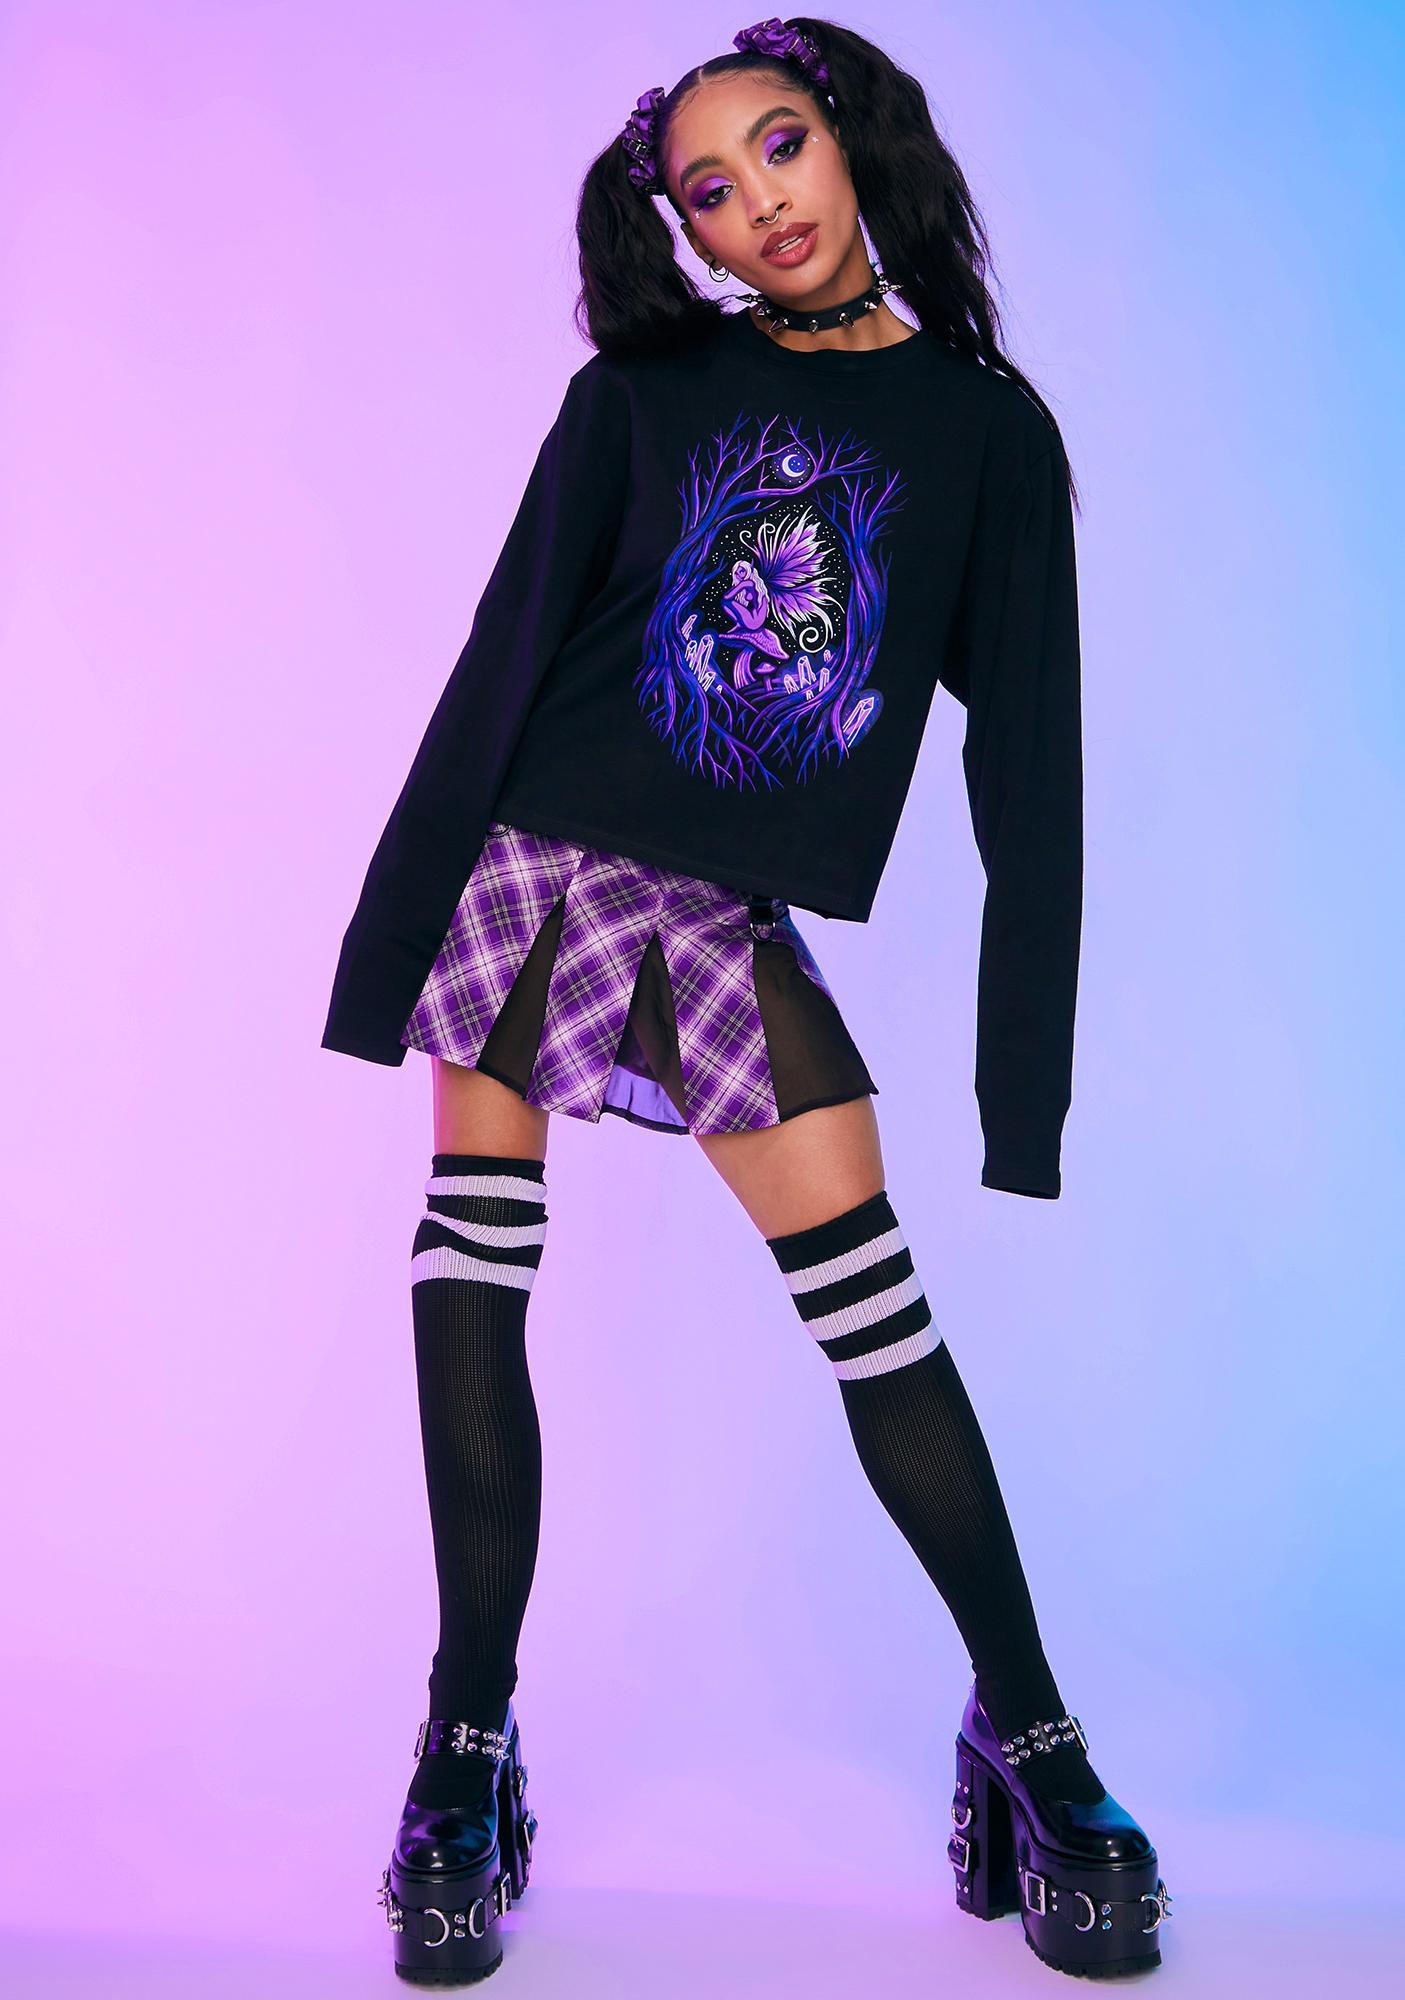 HOROSCOPEZ Fairy Fanatic Screen Print Long Sleeve Oversized Tee